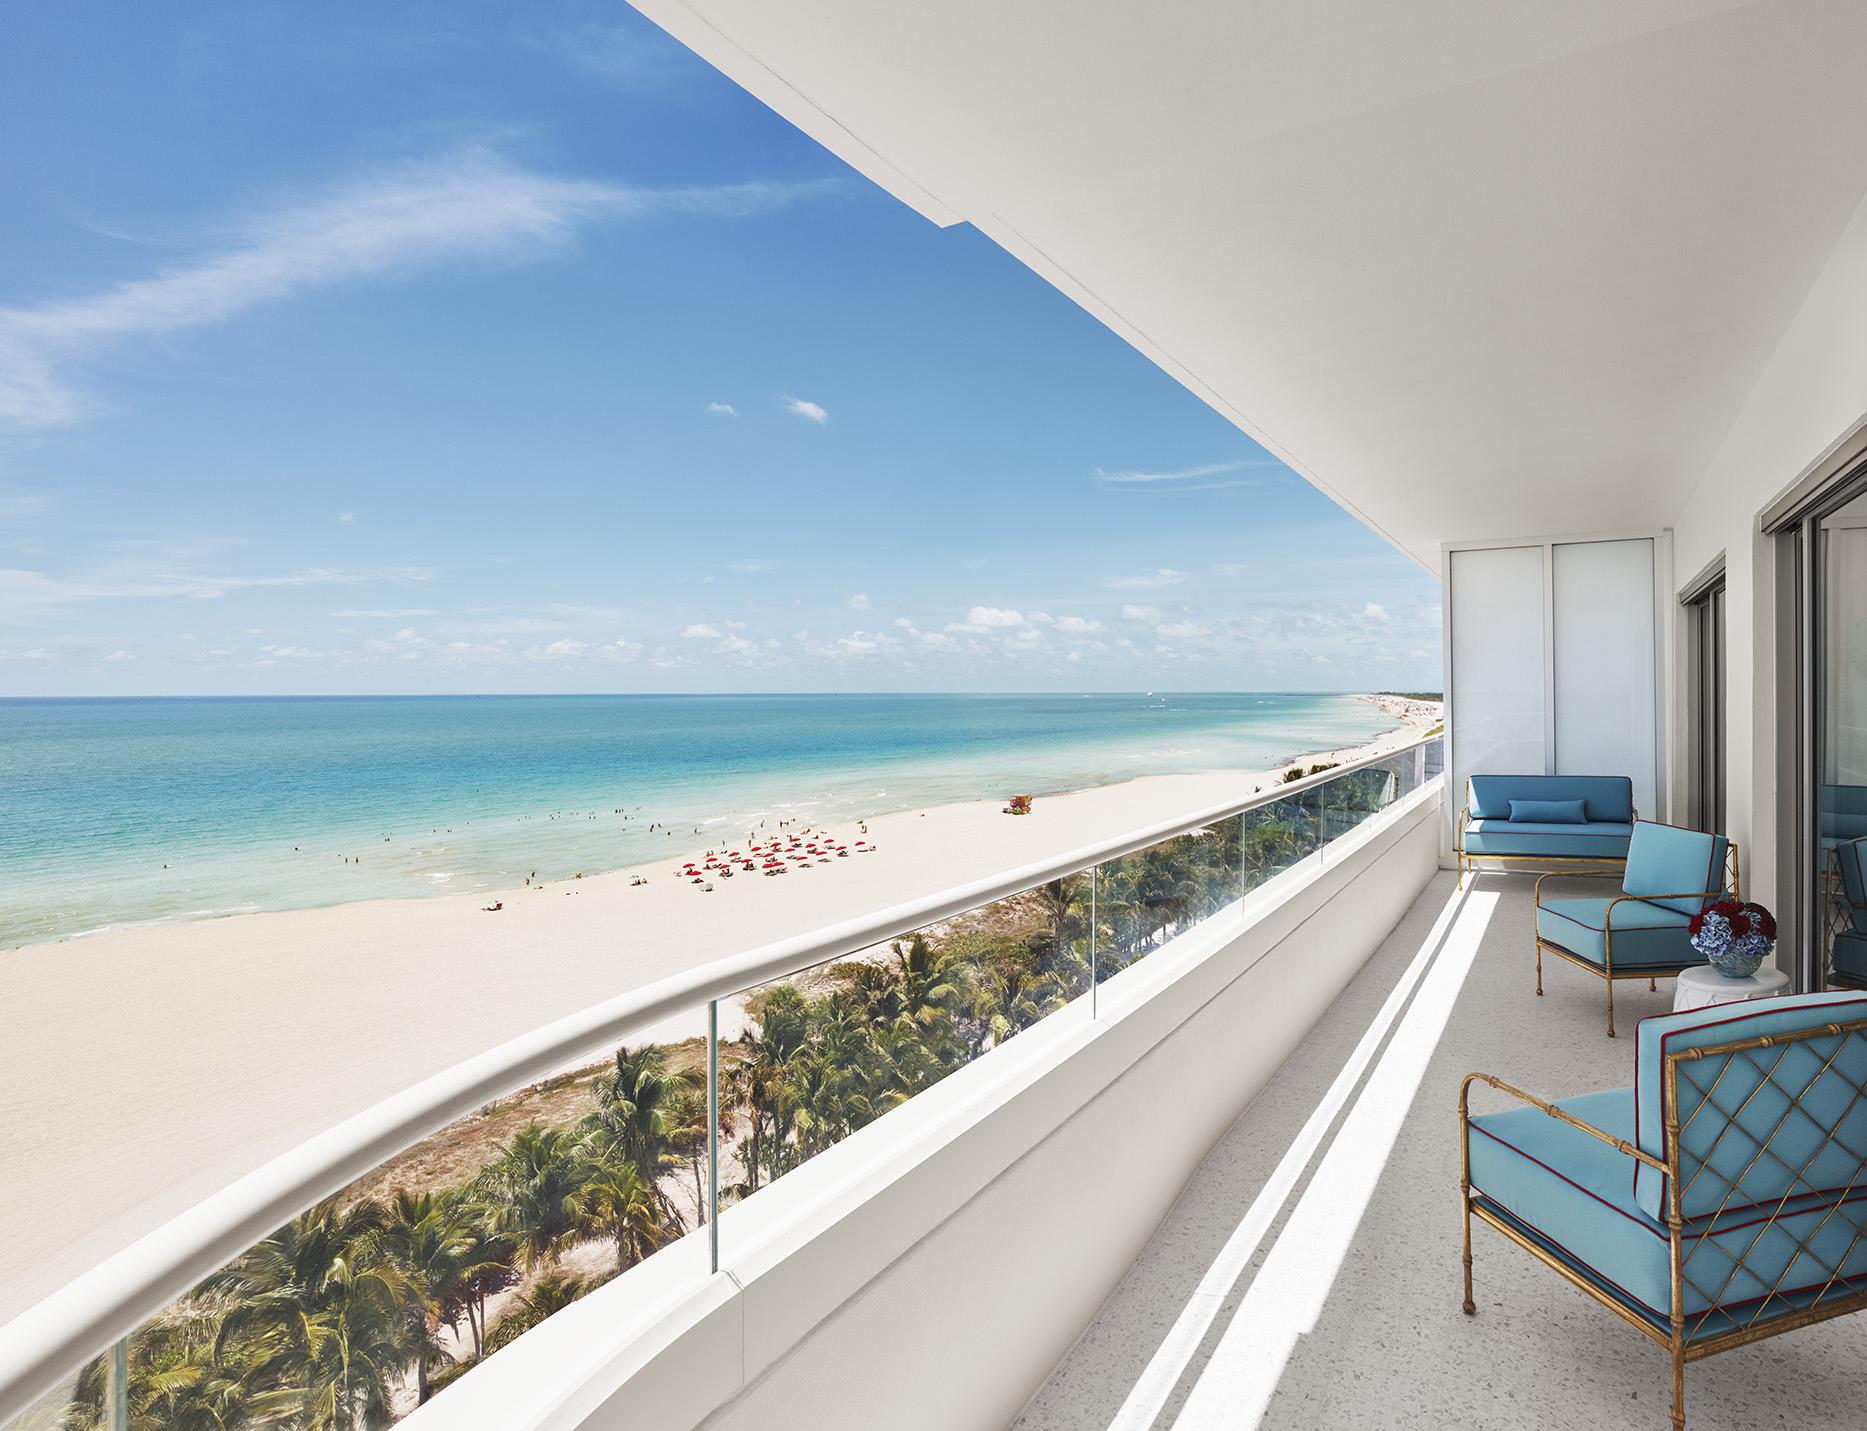 Faena Miami Hotel balcony overlooking the beach